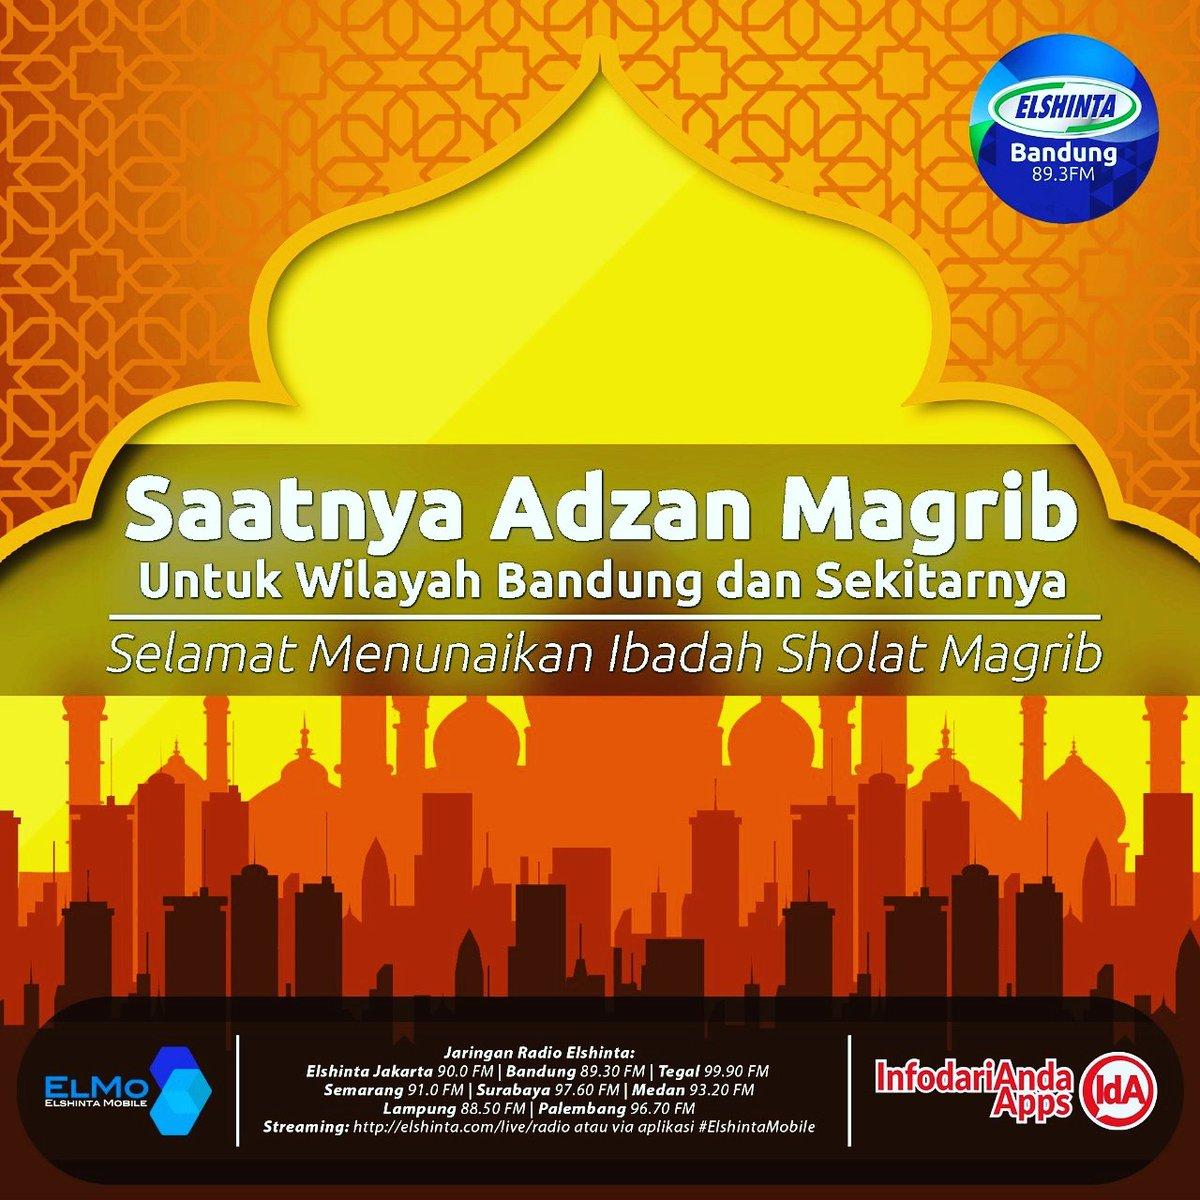 Elshinta Bandung On Twitter Telah Berkumandang Adzan Magrib